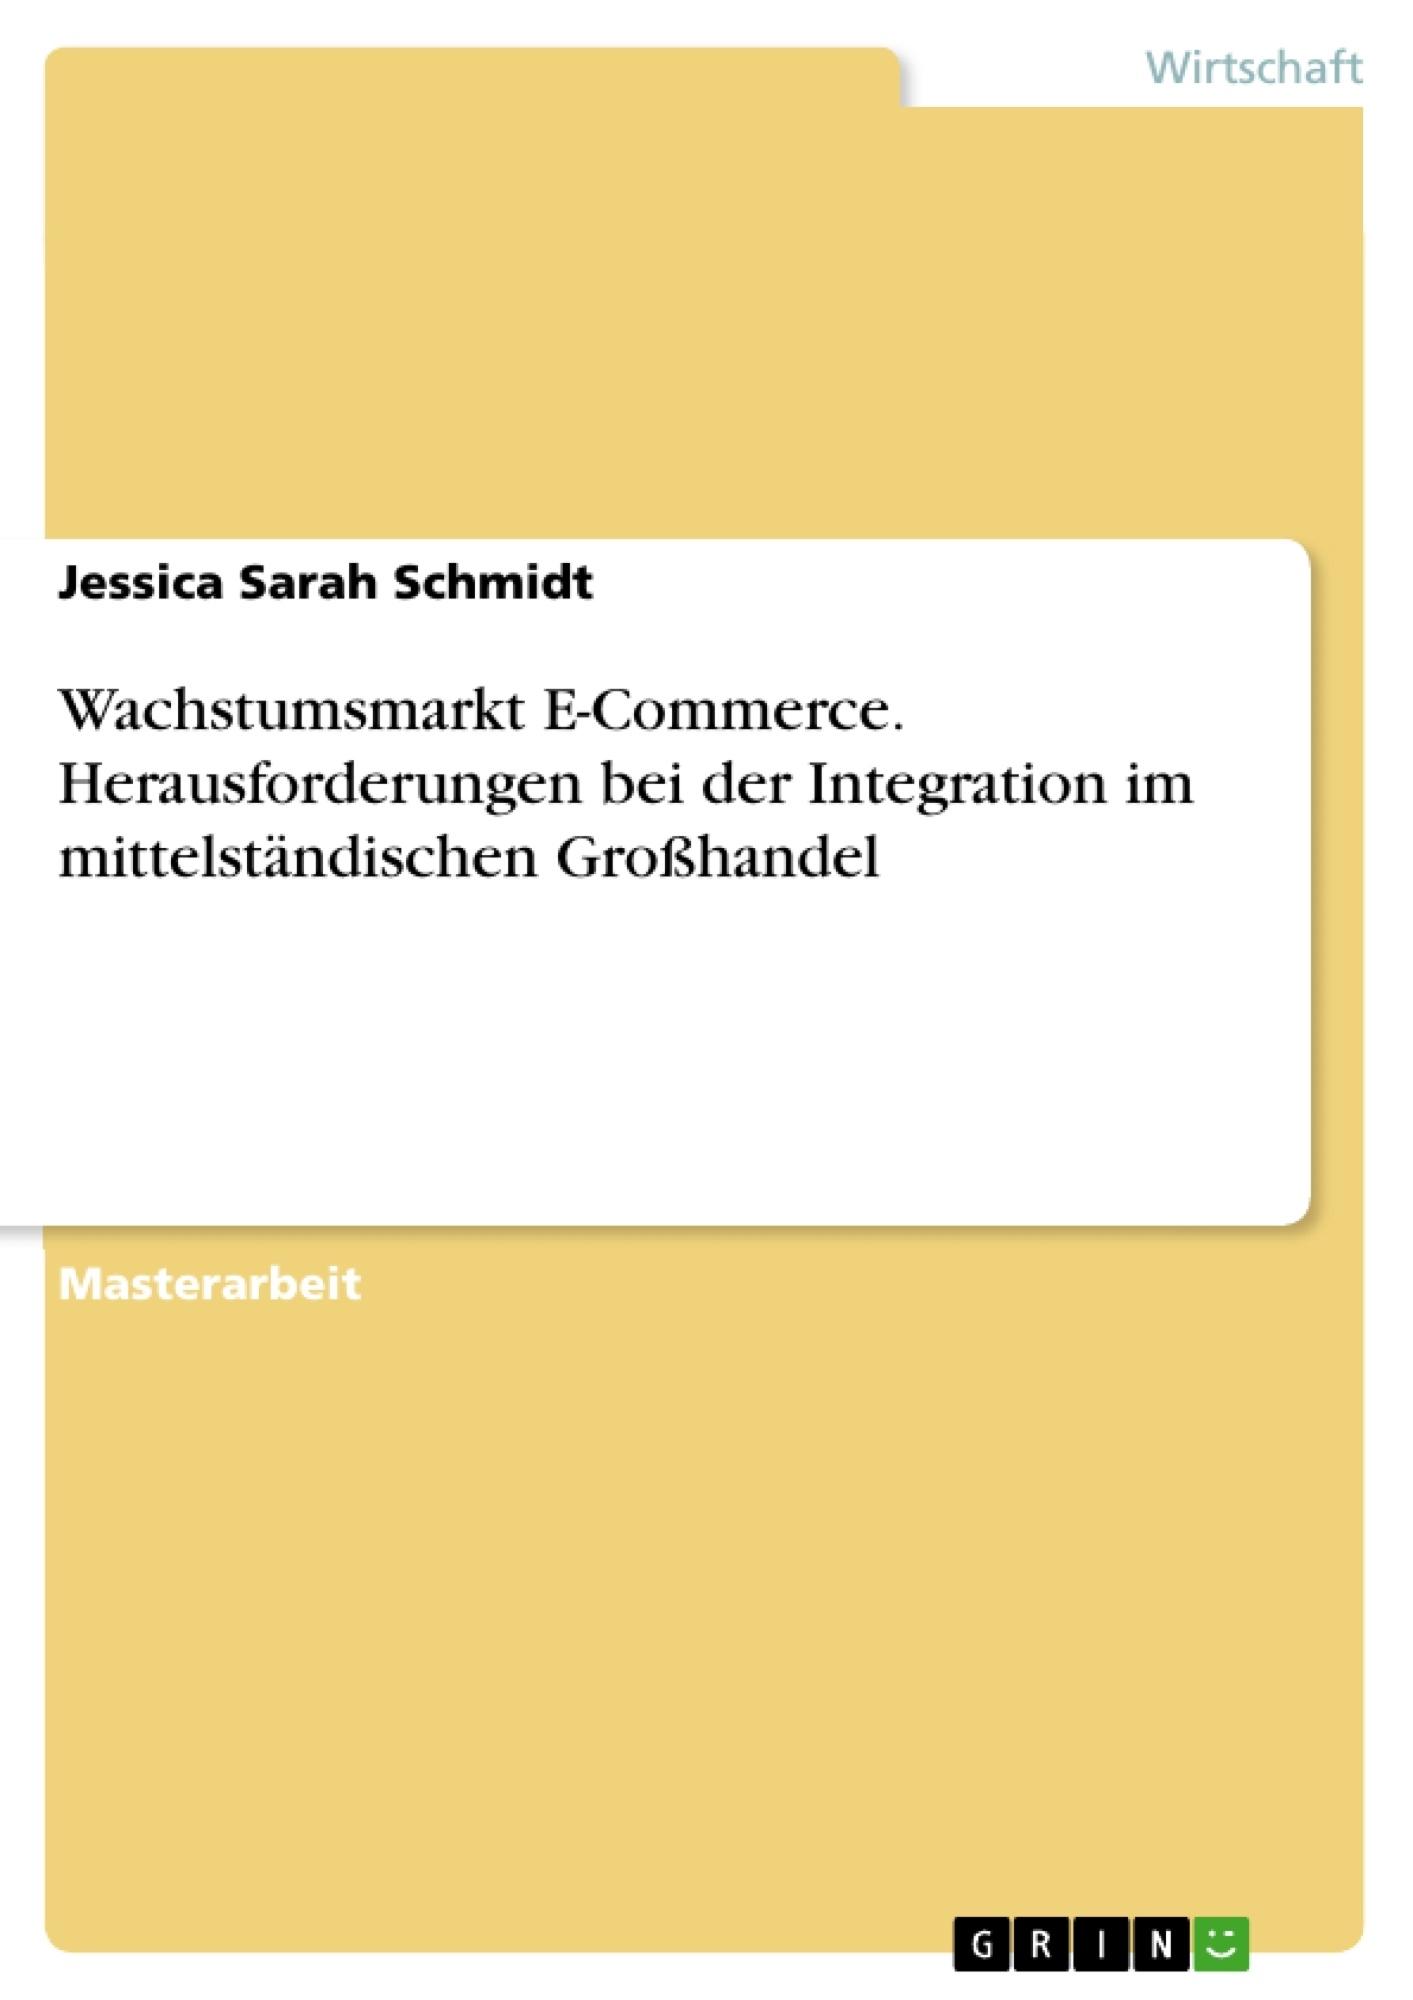 Titel: Wachstumsmarkt E-Commerce. Herausforderungen bei der Integration im mittelständischen Großhandel